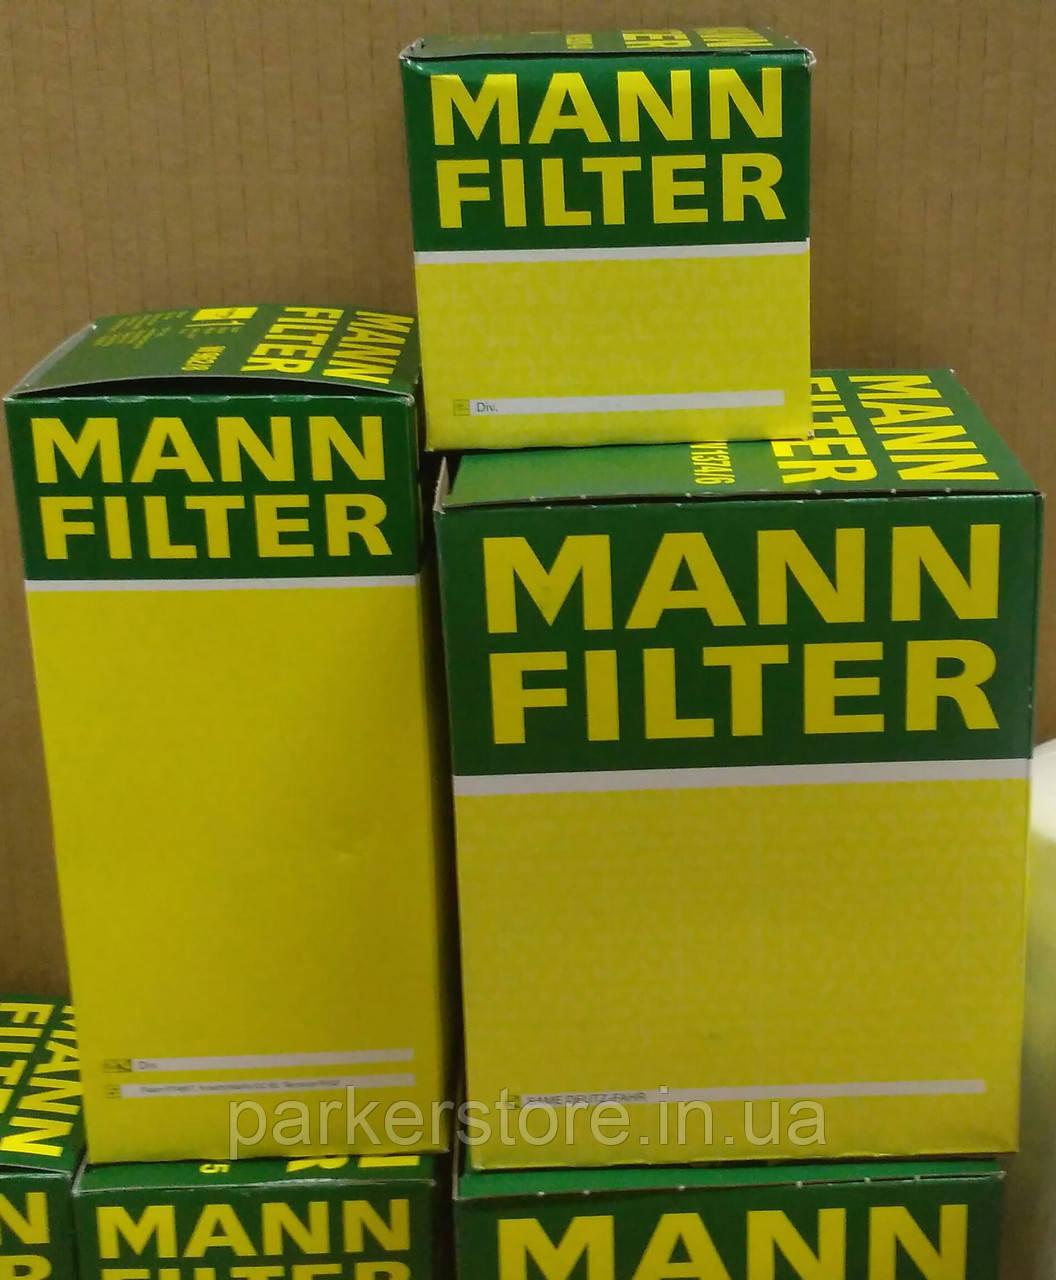 MANN FILTER / Воздушный фильтр / C 2330 / C2330